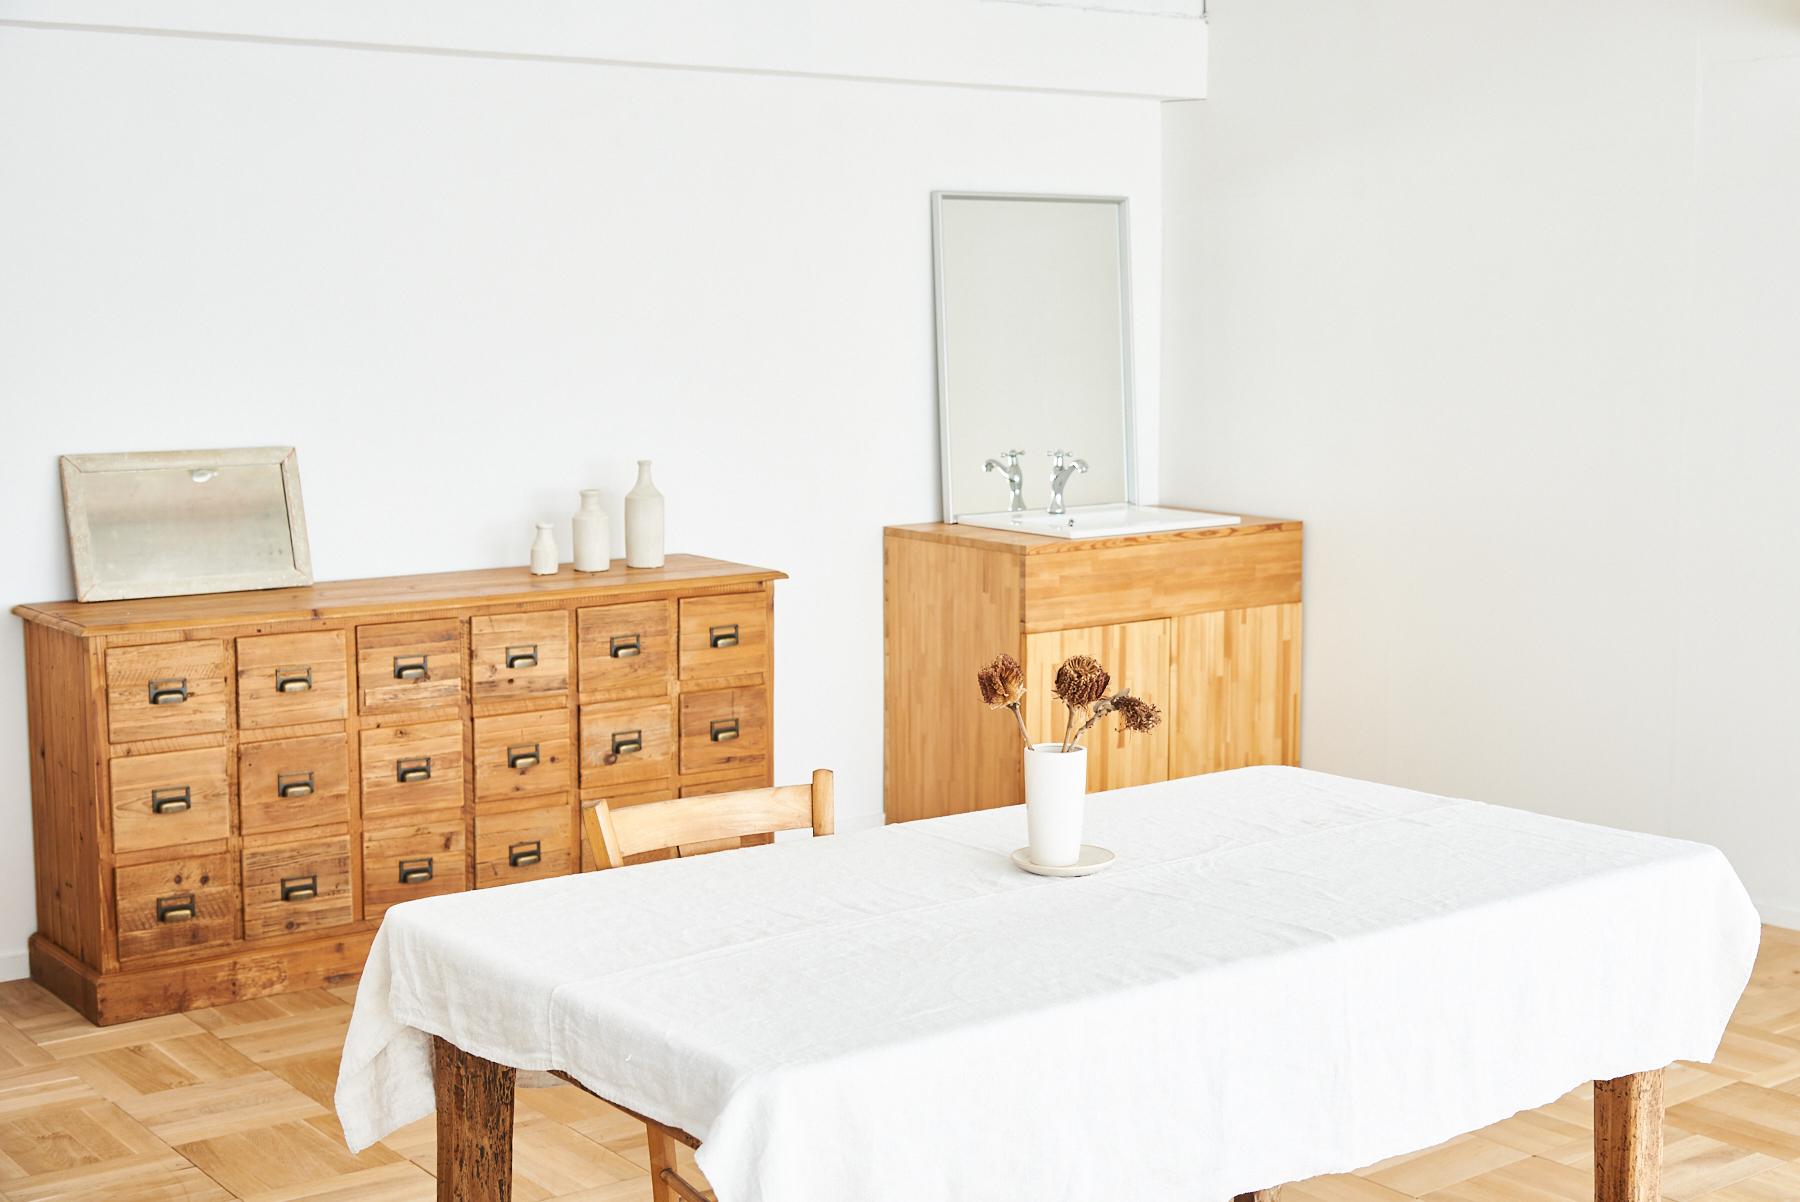 STUDIO iiwi 西麻布 (スタジオ イーヴィ)椅子2